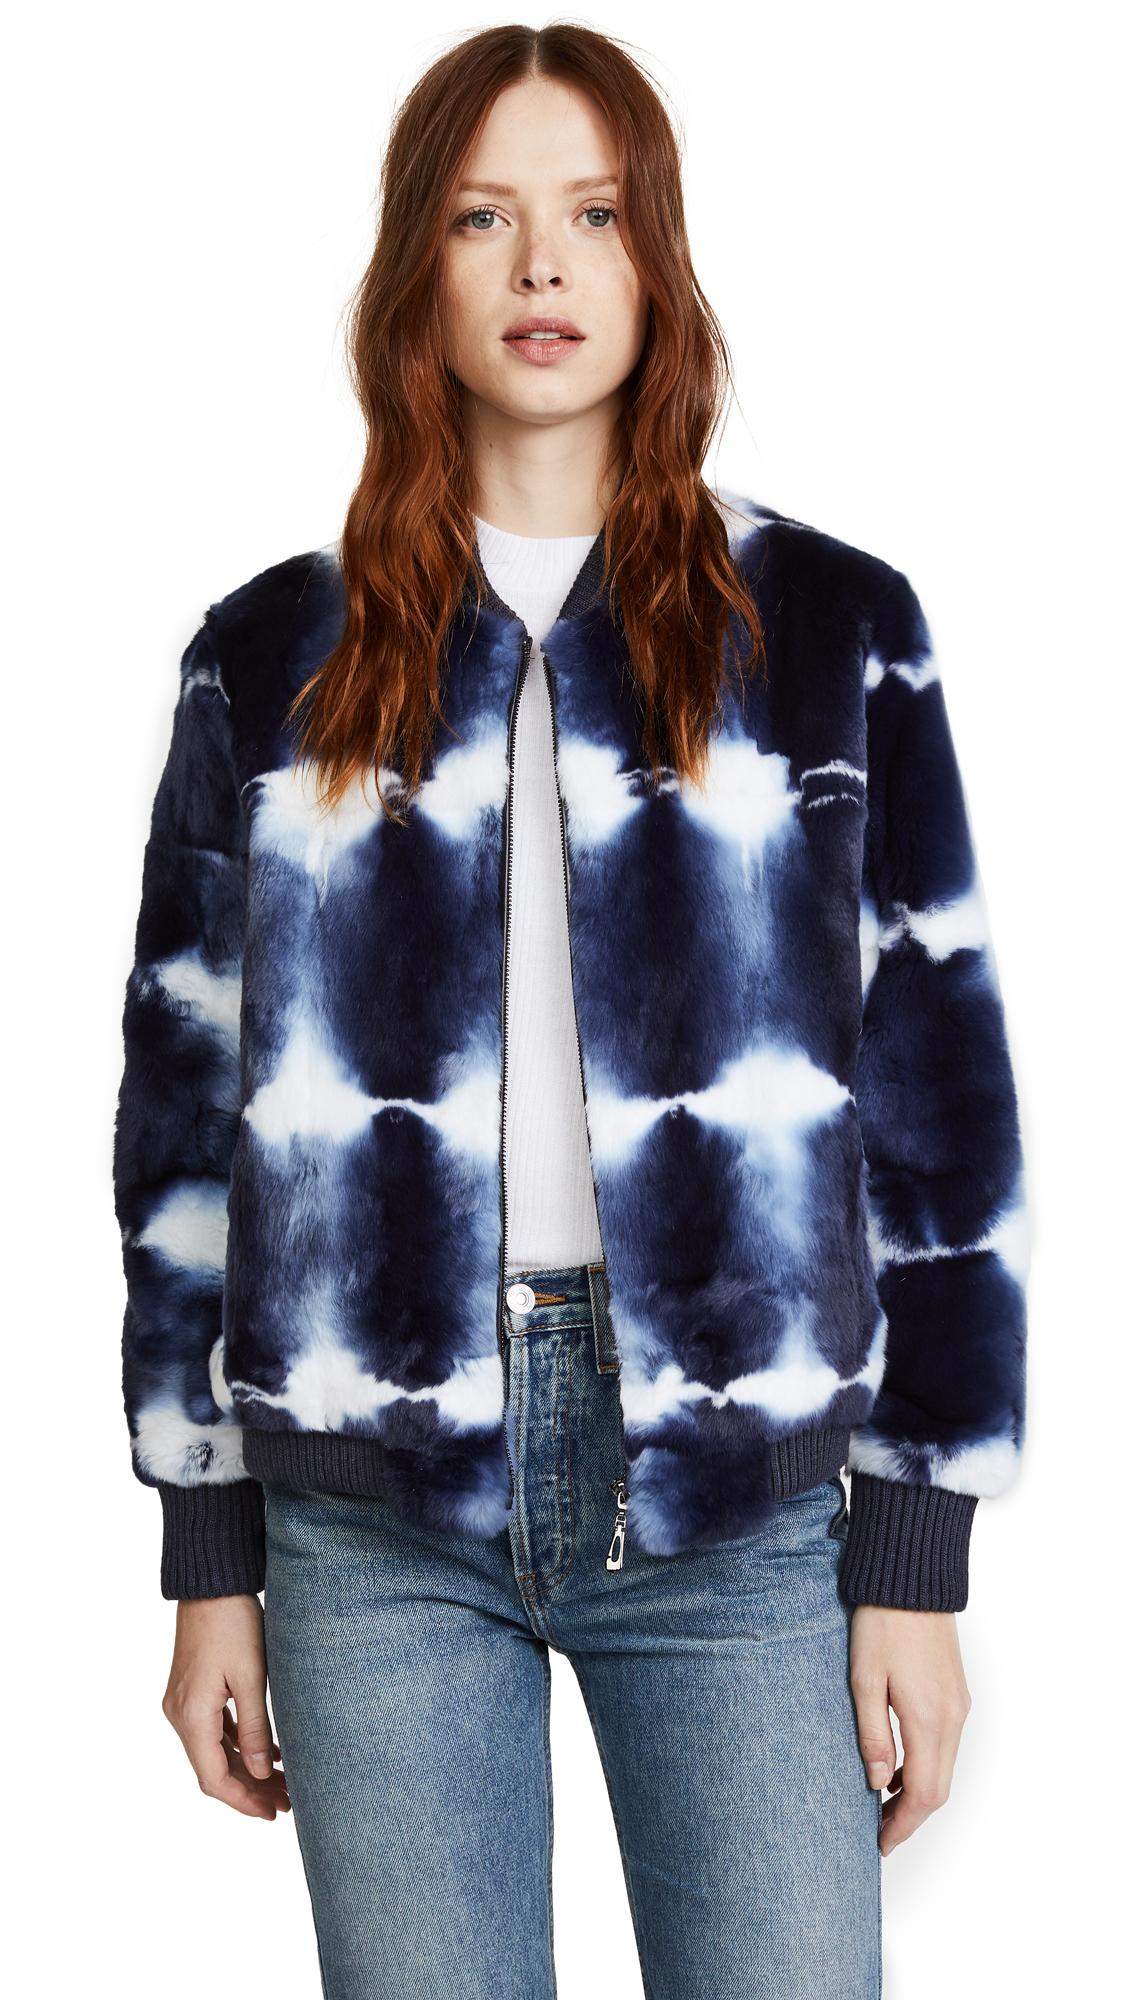 Jocelyn Tie Dye Fur Bomber Jacket - Navy